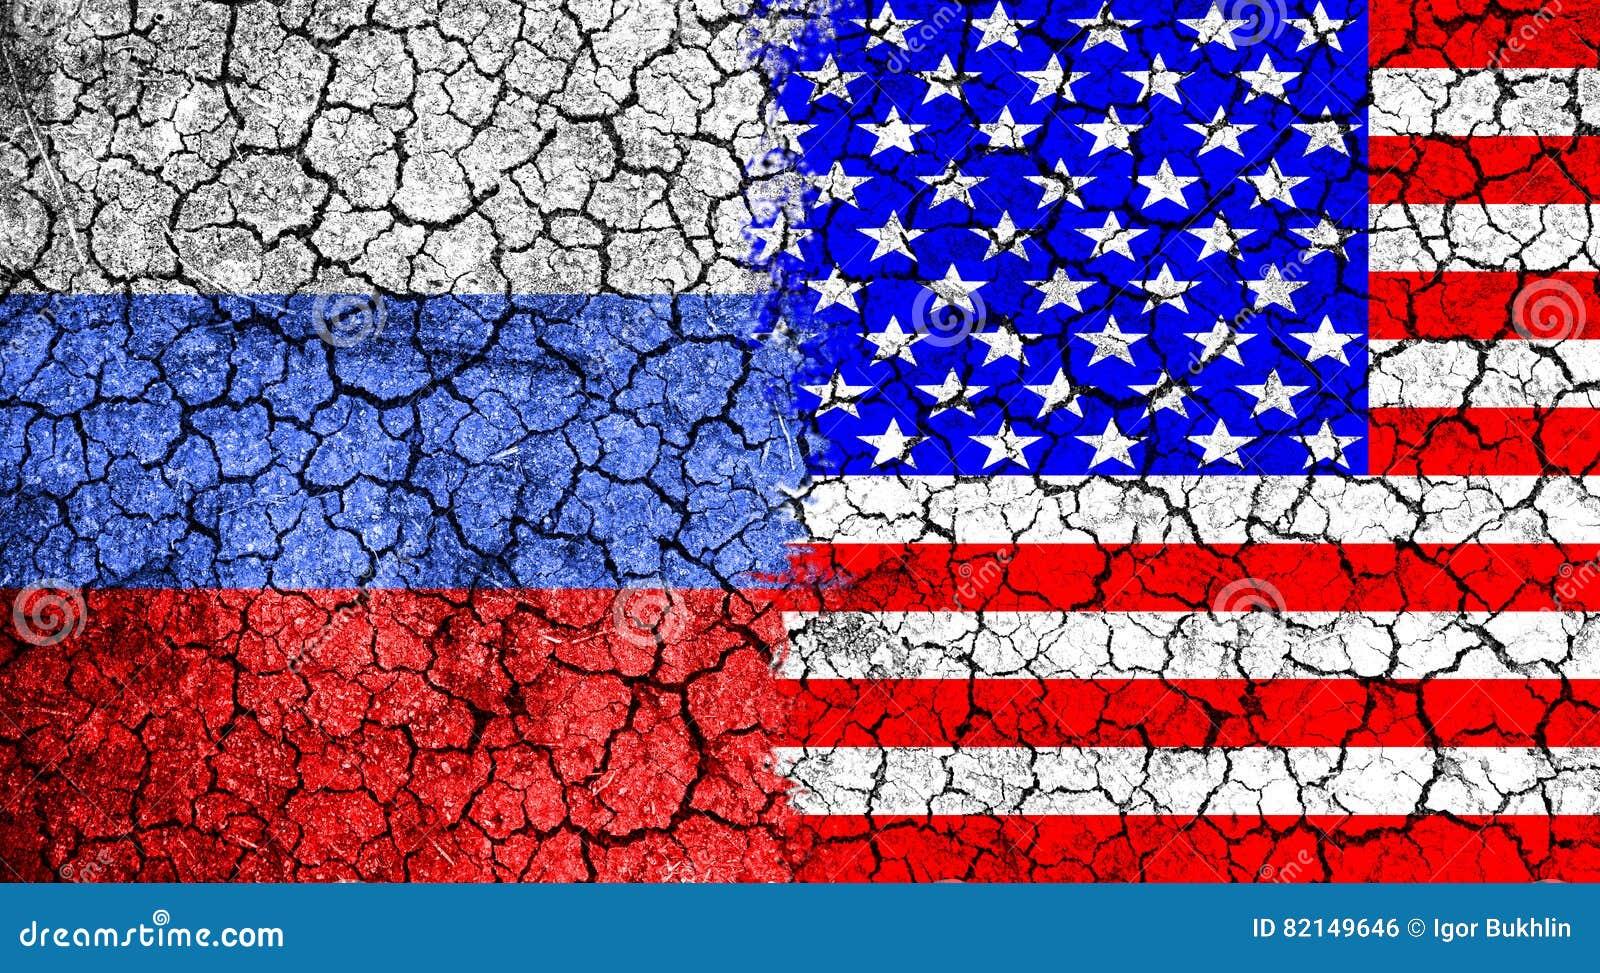 Флаг России и США покрашенных на треснутой стене Концепция войны холодная война Гонка вооружений Ядерная война